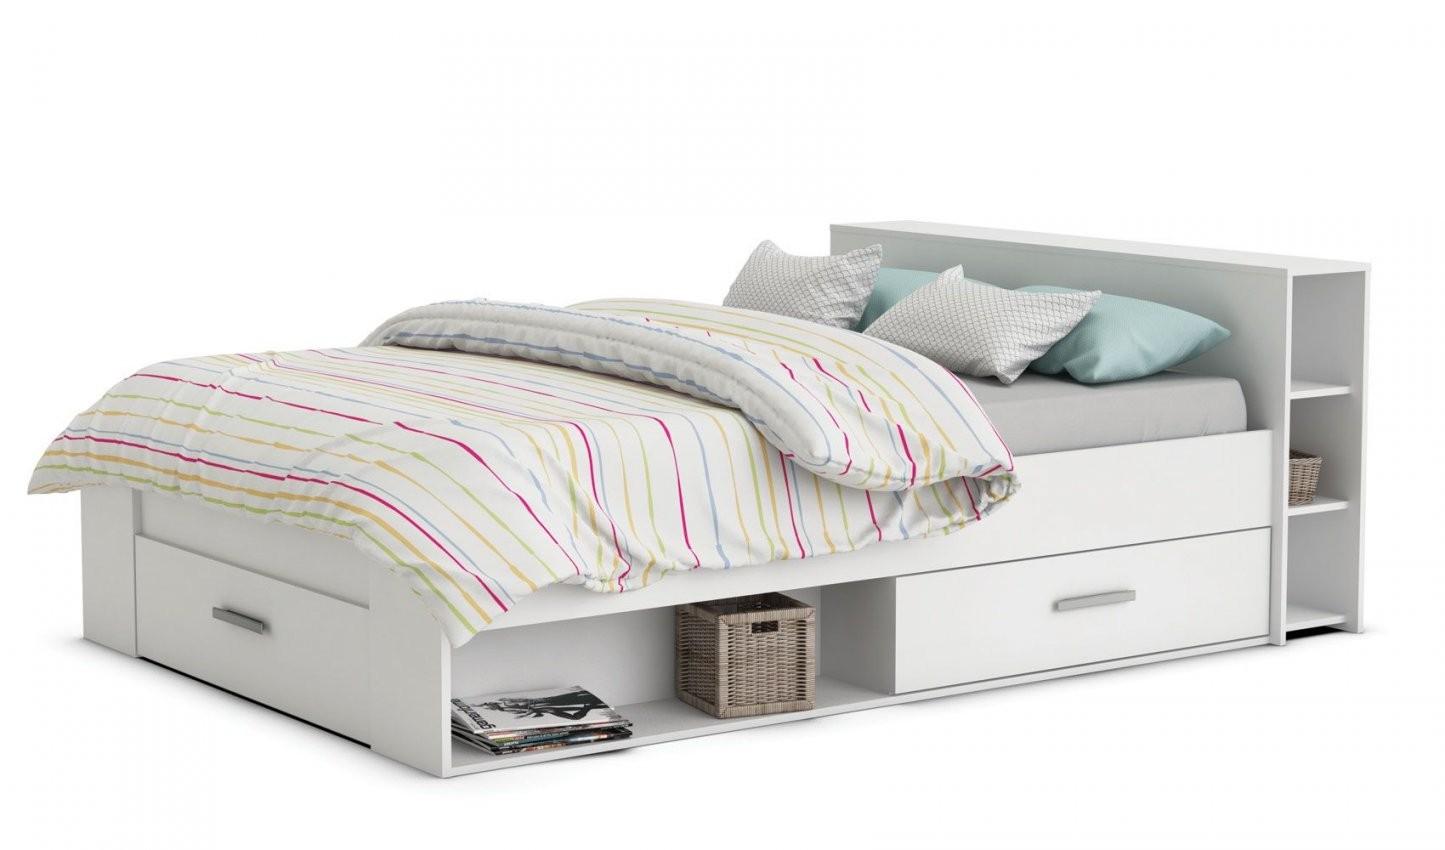 Angenehm Stauraum Bett 120X200 Bett 120X200 Galerien  Bedrooms In von Bett 120X200 Mit Schubladen Photo